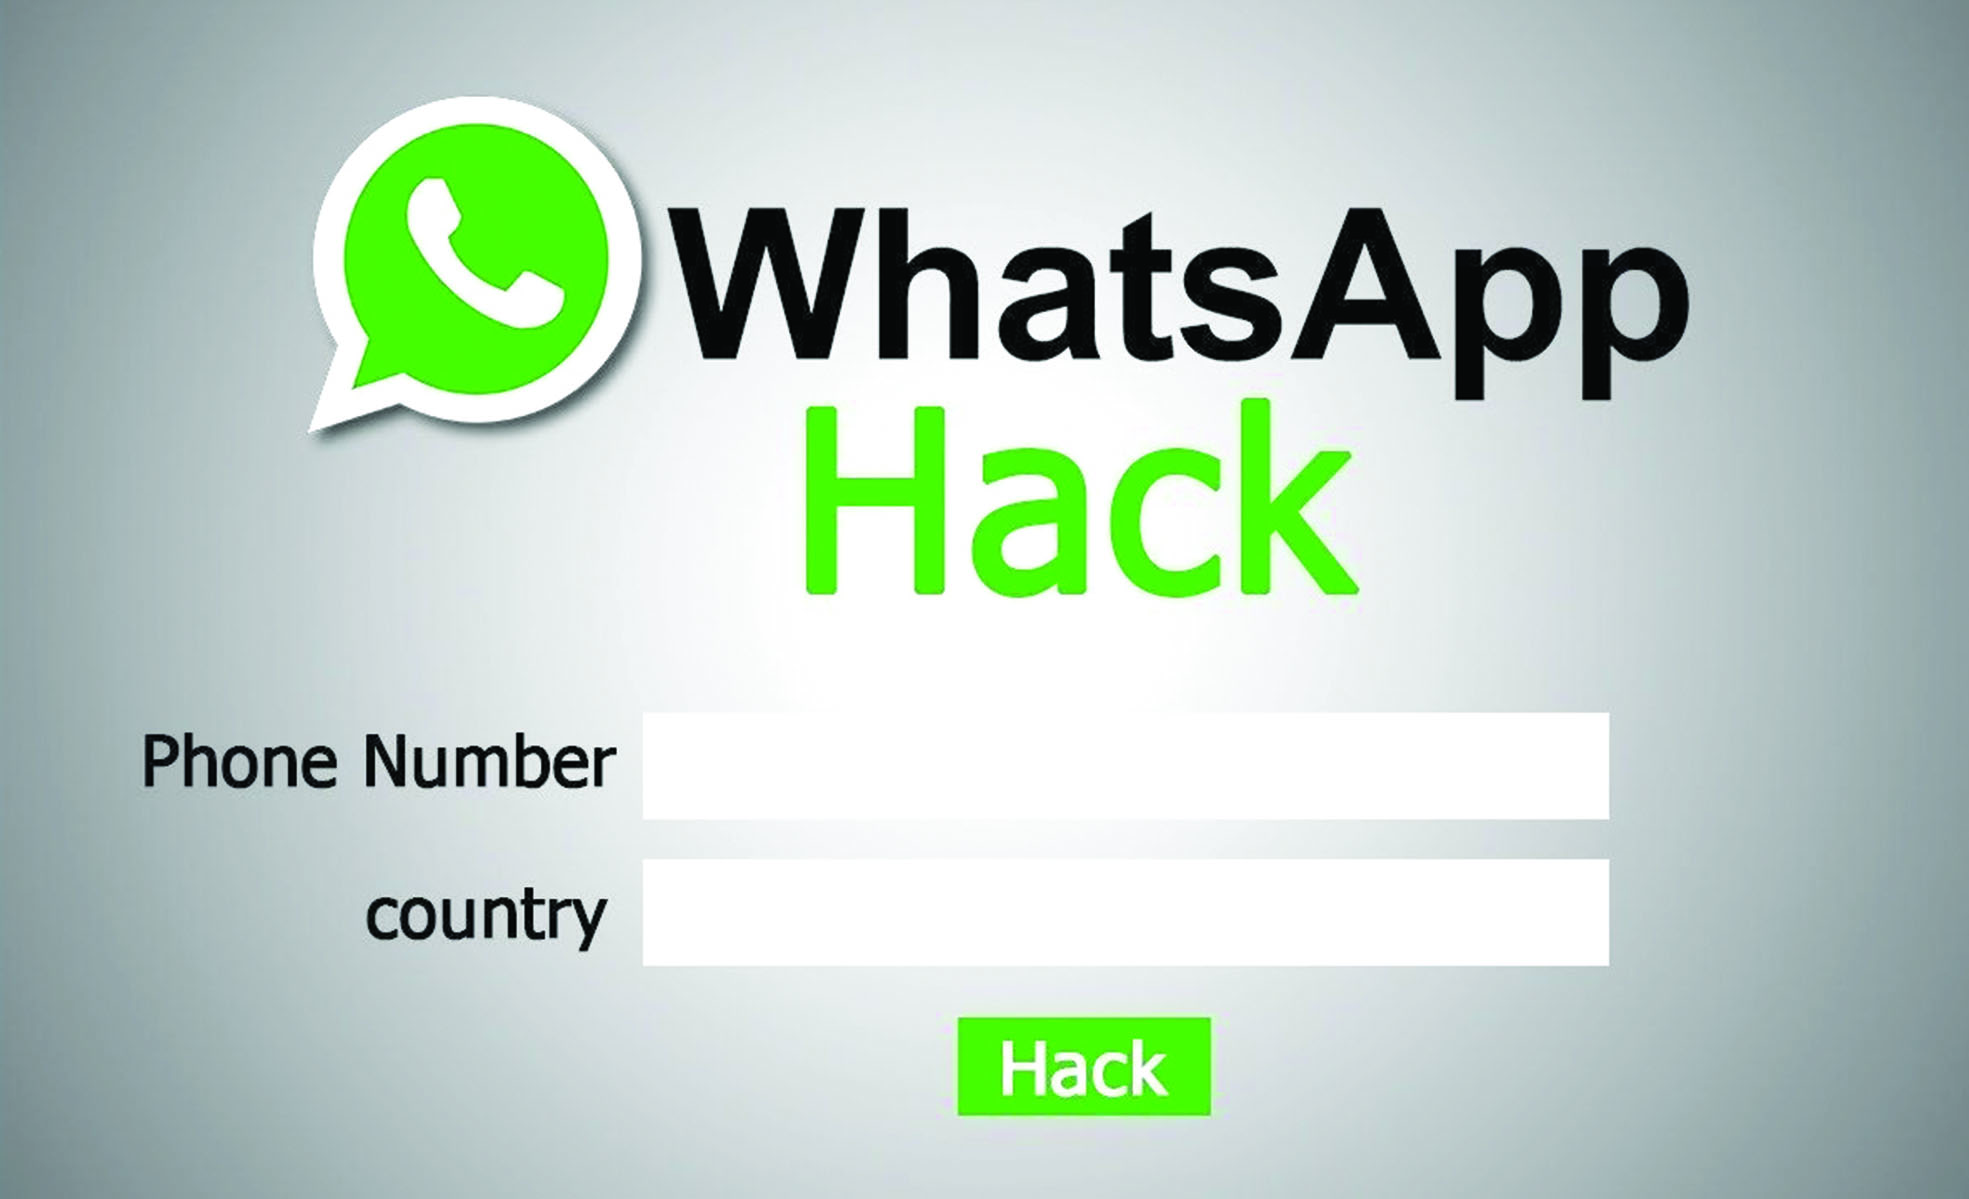 كيف تواجهها؟تطبيقات تُستخدم لاختراق حساب Whatsapp